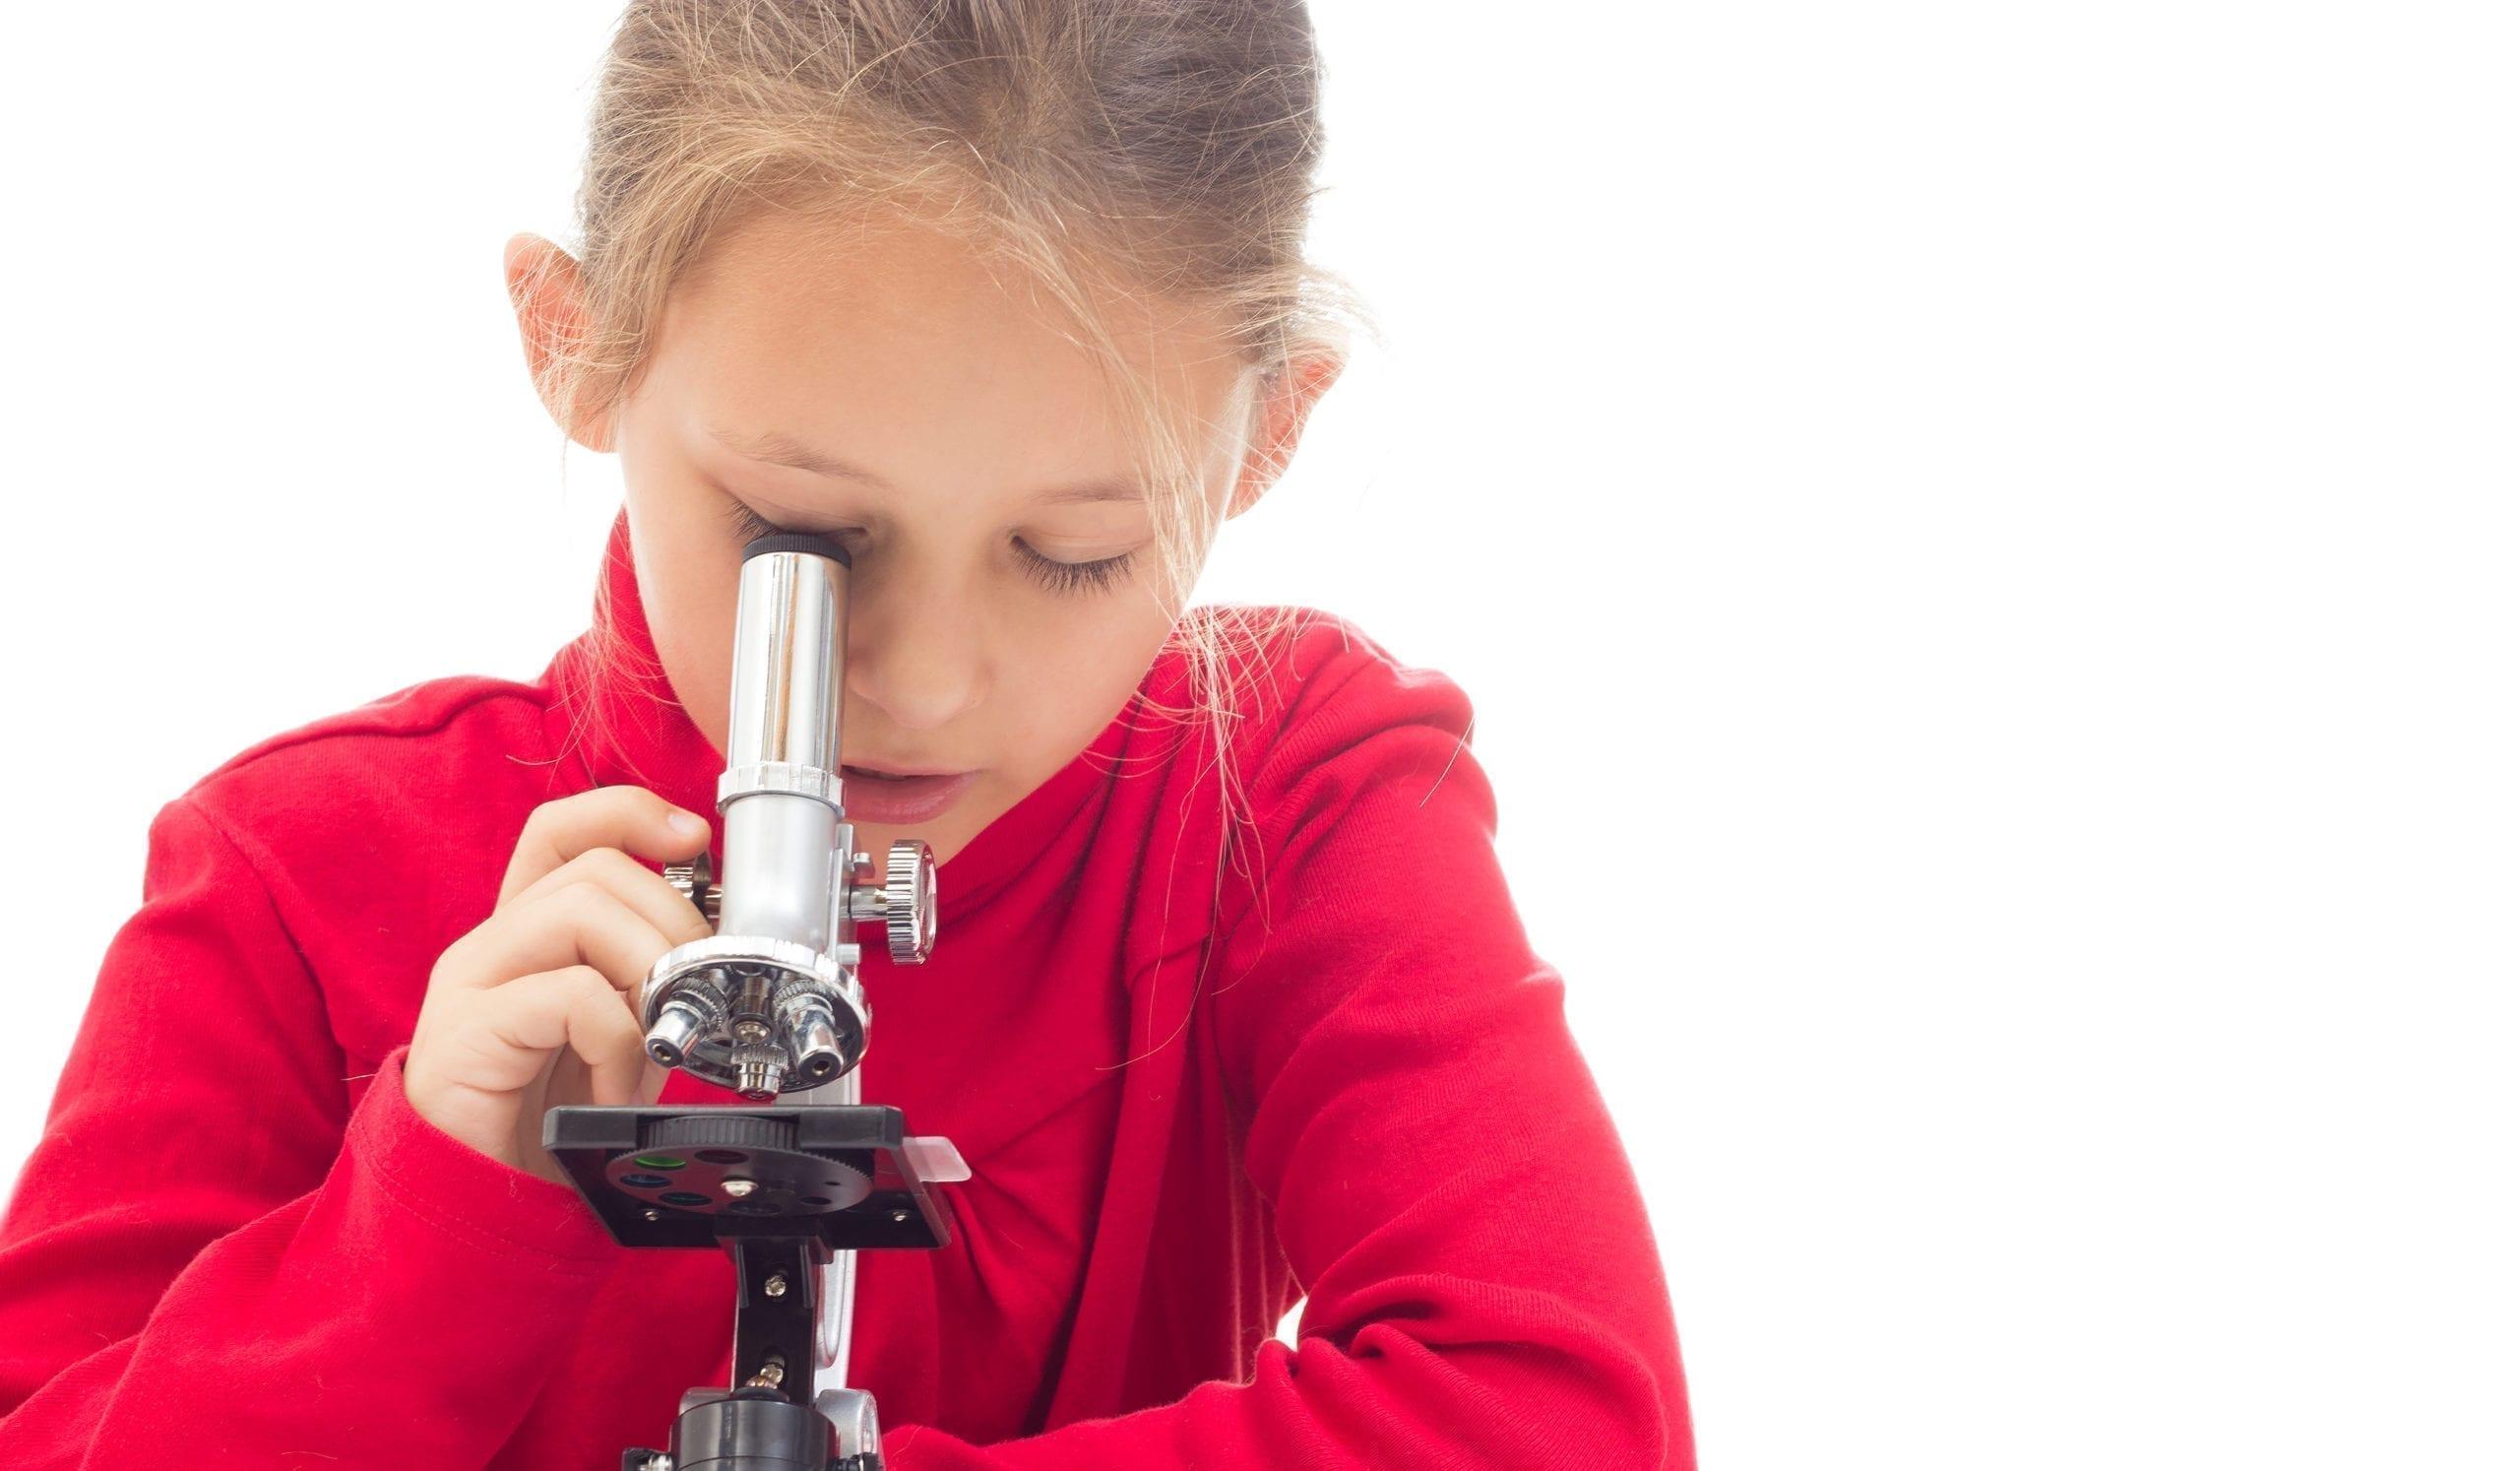 jeune fille allergique regarde dans un microscope